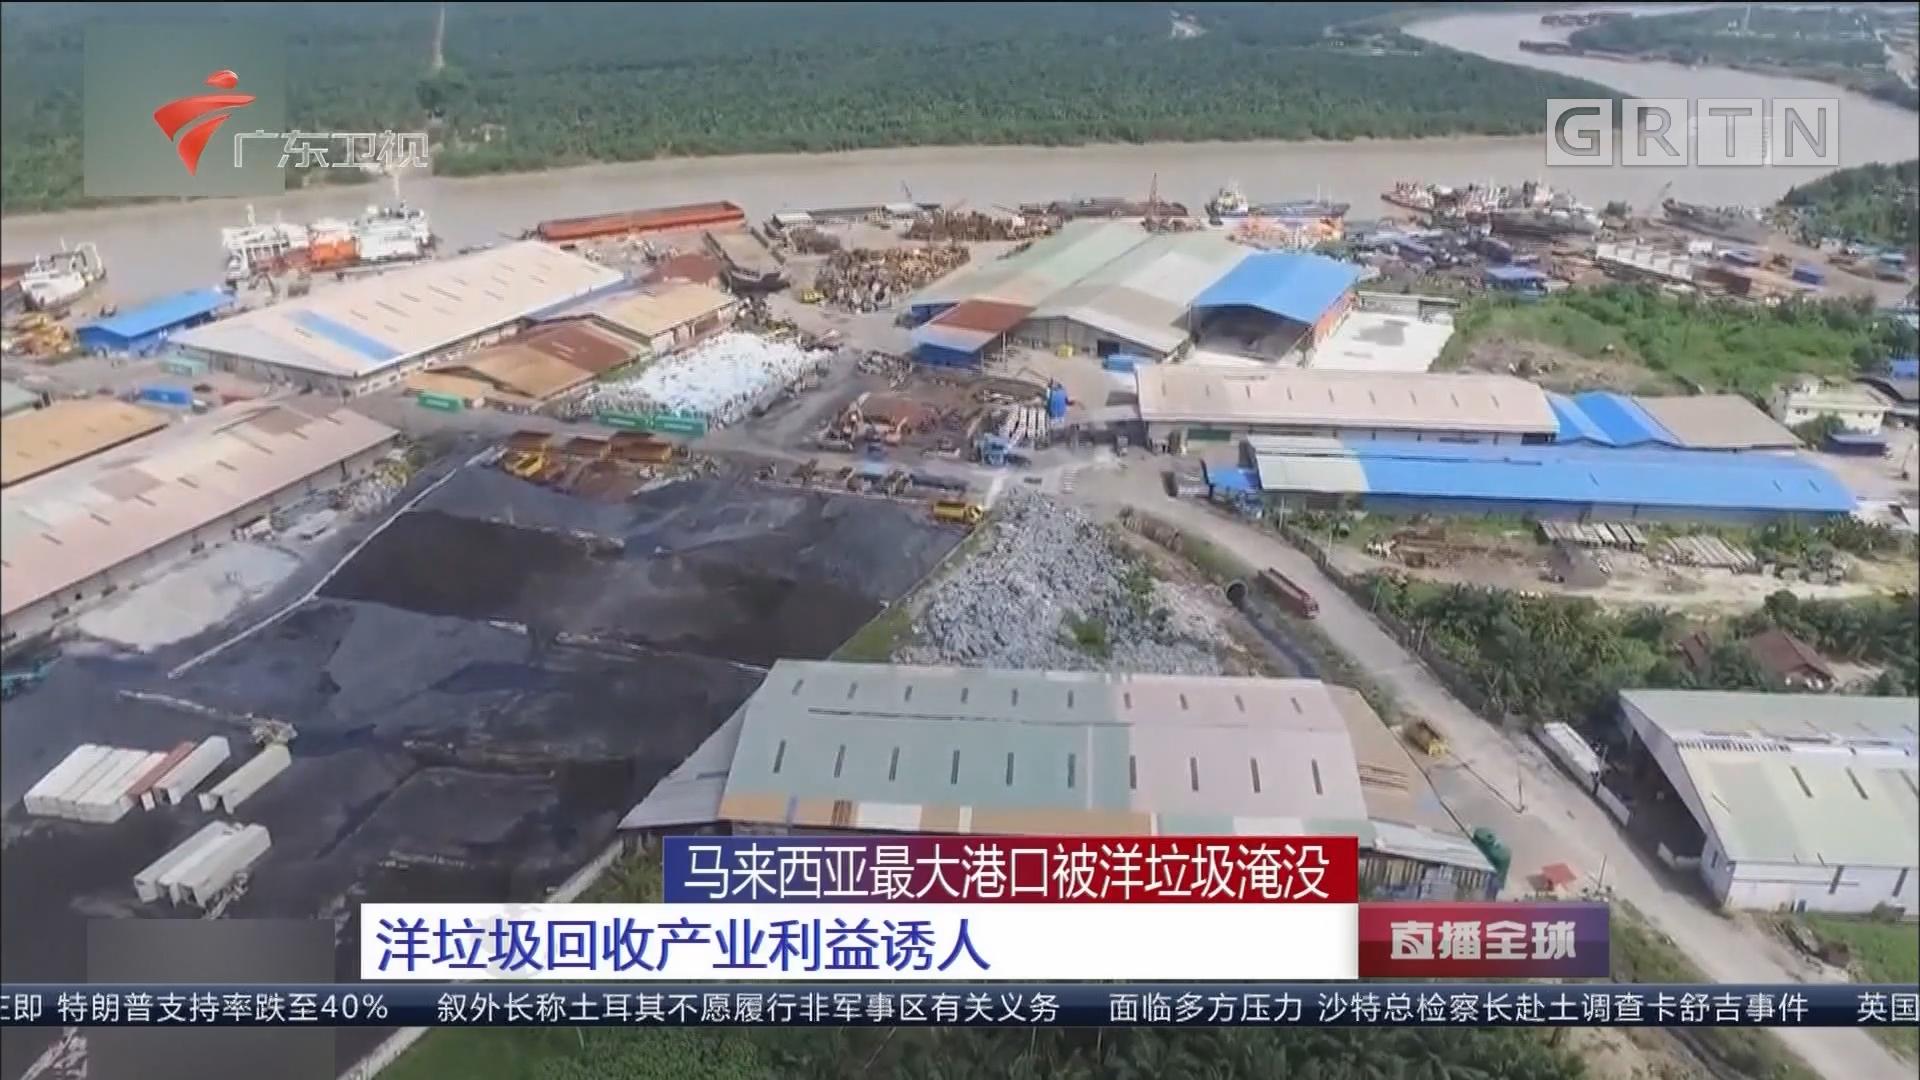 马来西亚最大港口被洋垃圾淹没:洋垃圾回收产业利益诱人